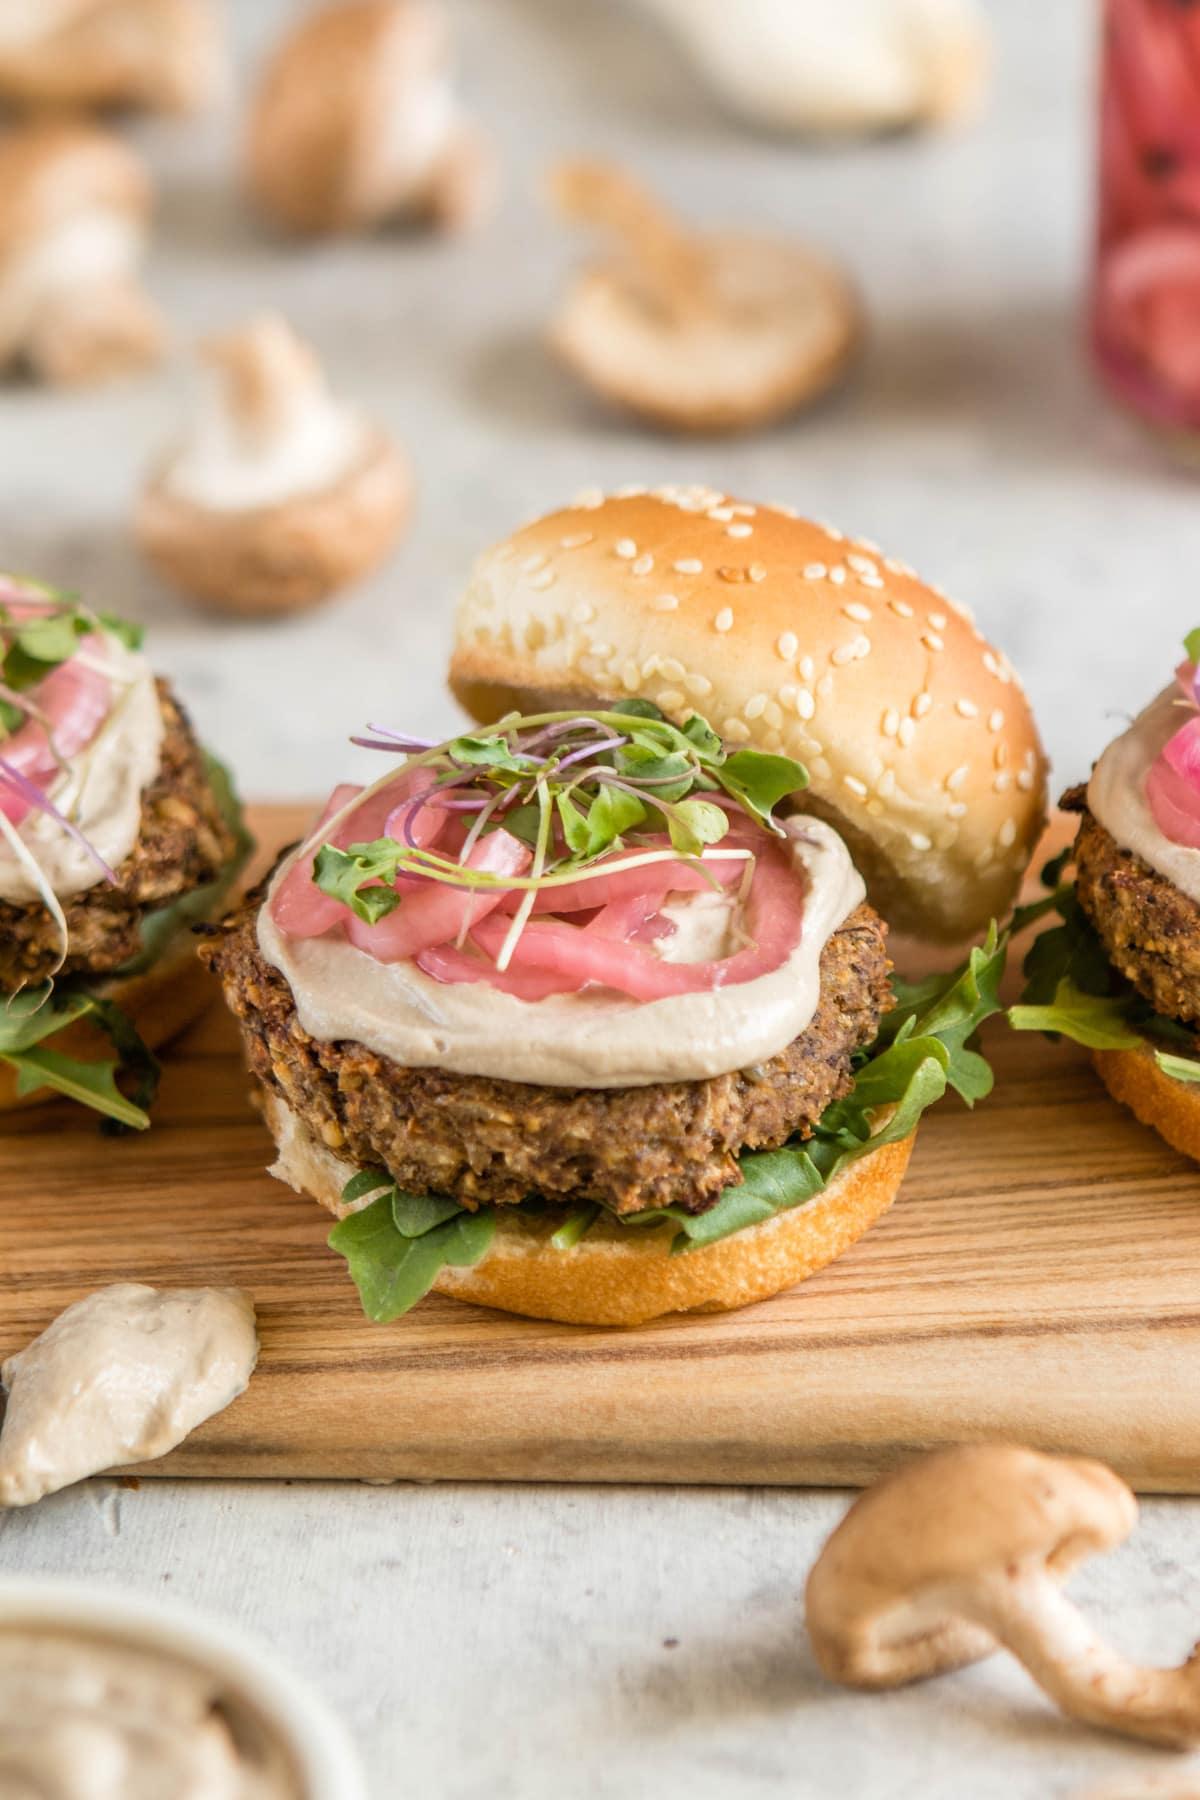 Mushroom Veggie Burgers Vegan Gluten Free From My Bowl